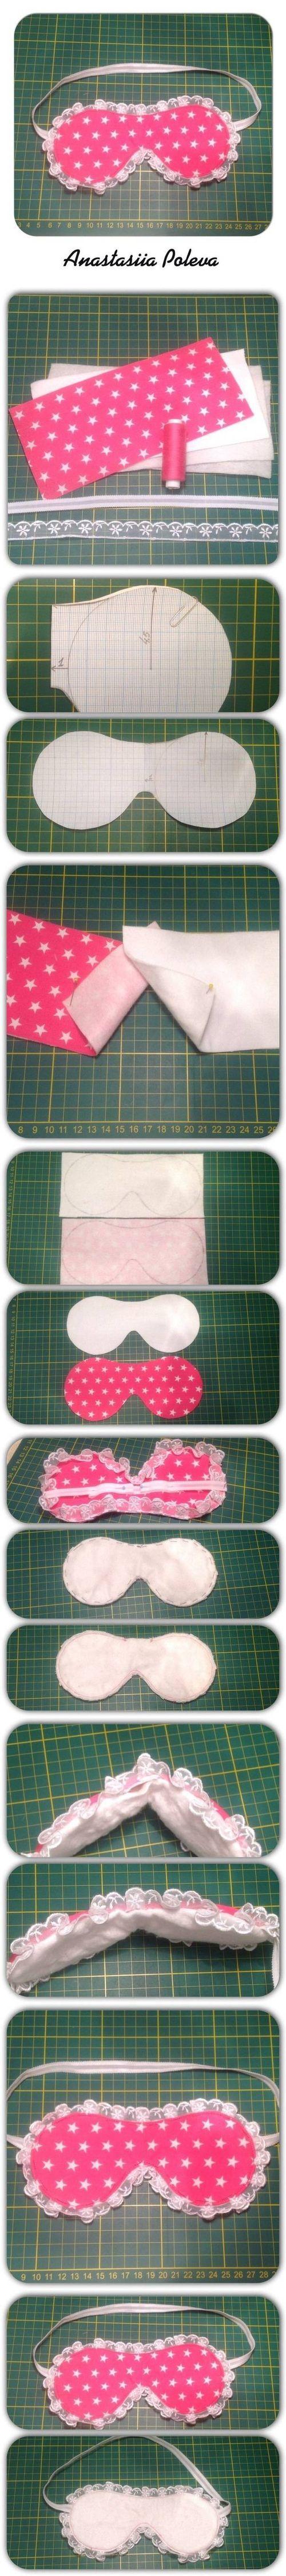 DIY Sleeping Mask DIY Projects / UsefulDIY.com: